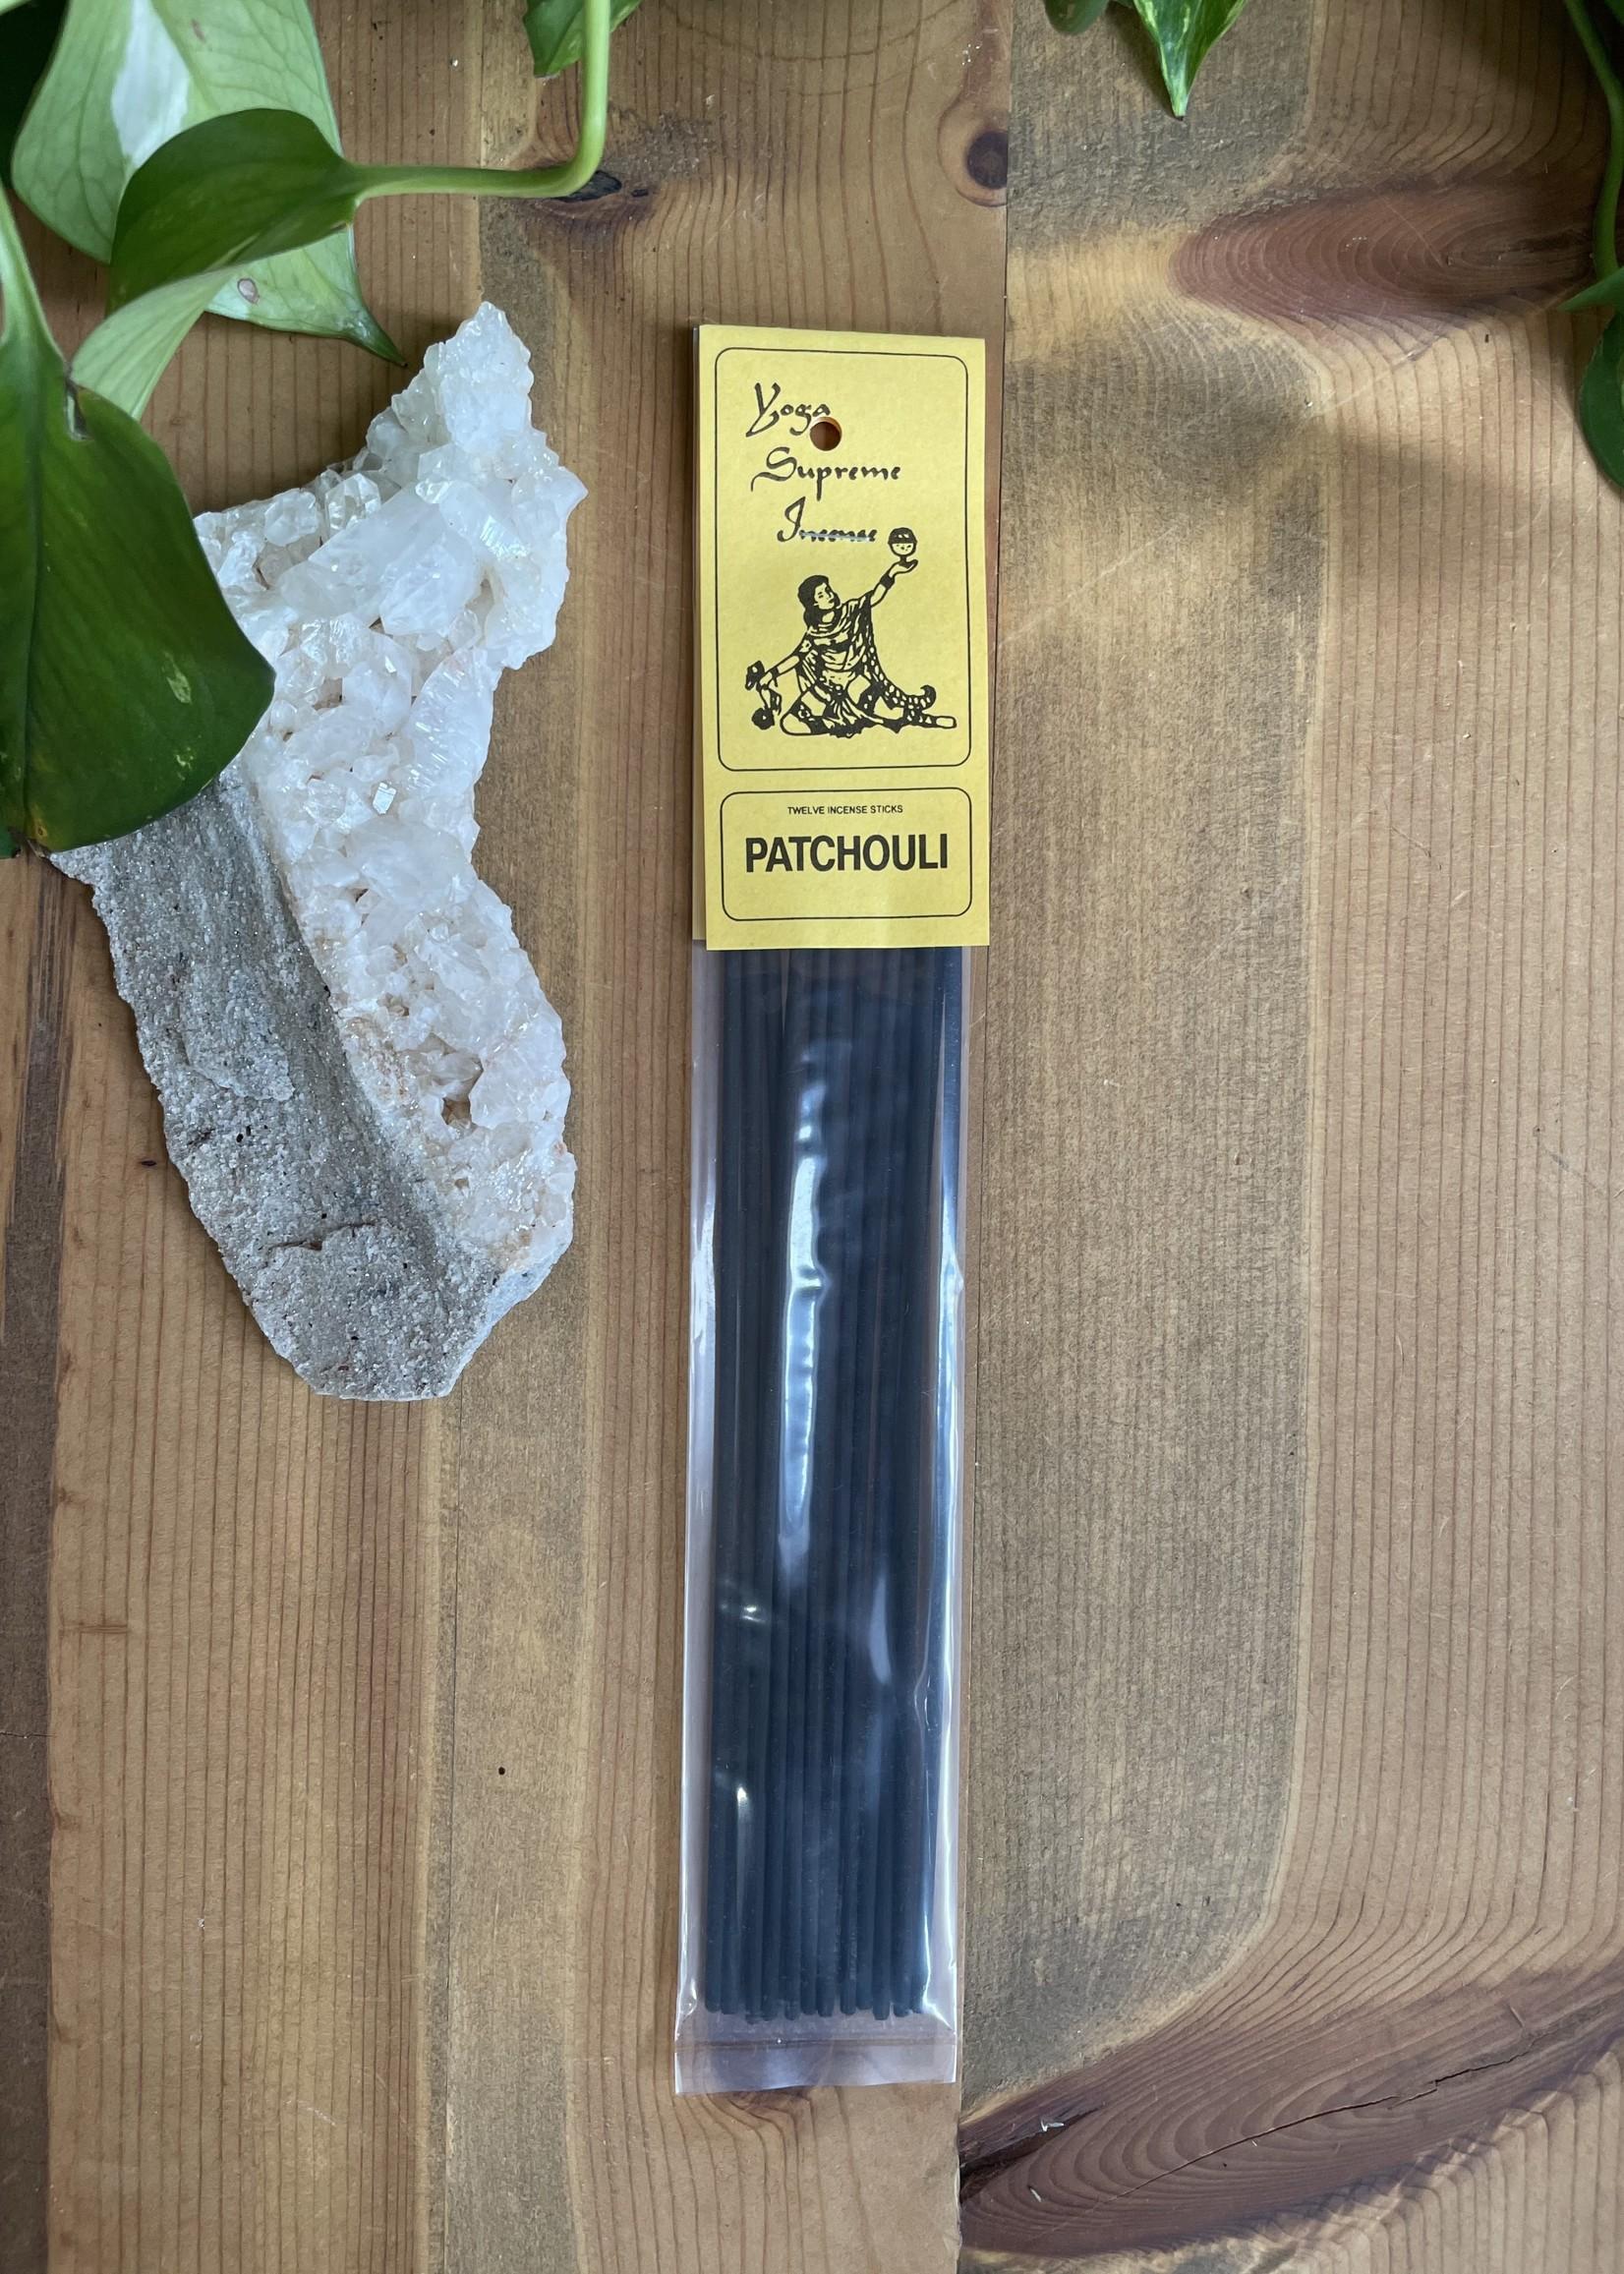 Yoga Supreme Incense